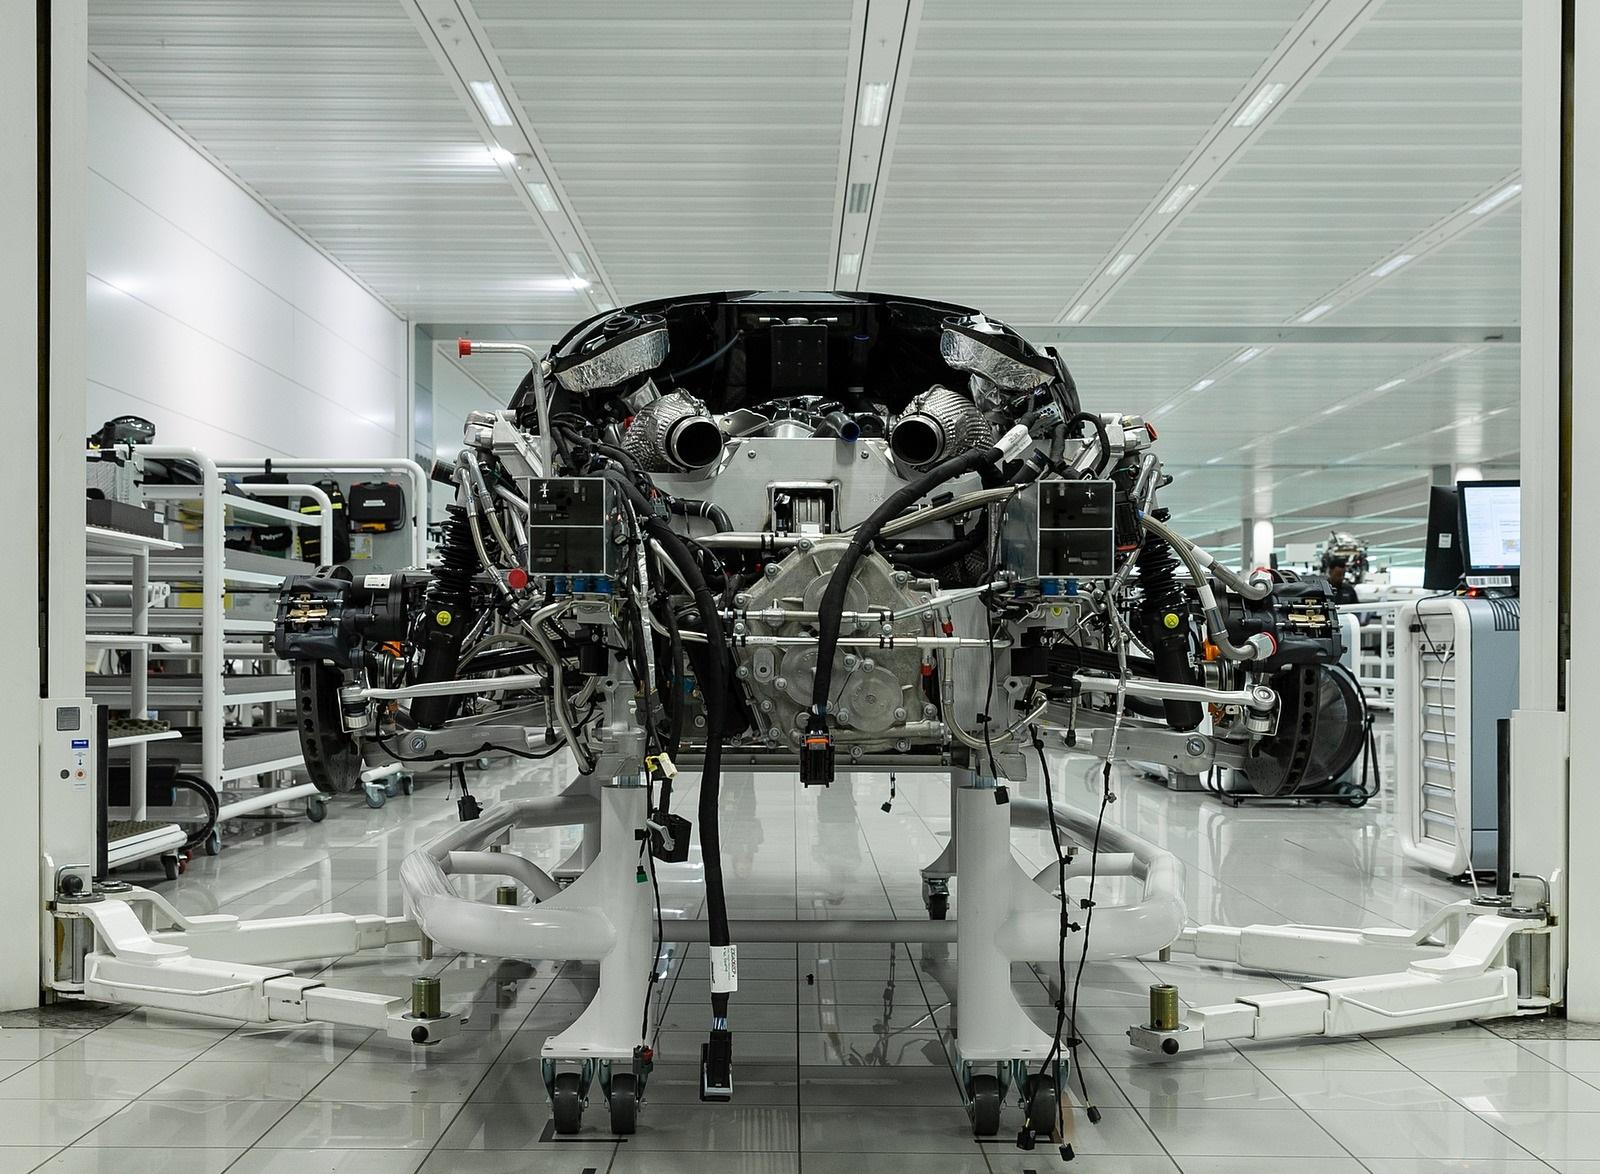 2019 McLaren Speedtail Making Of Wallpapers #36 of 39